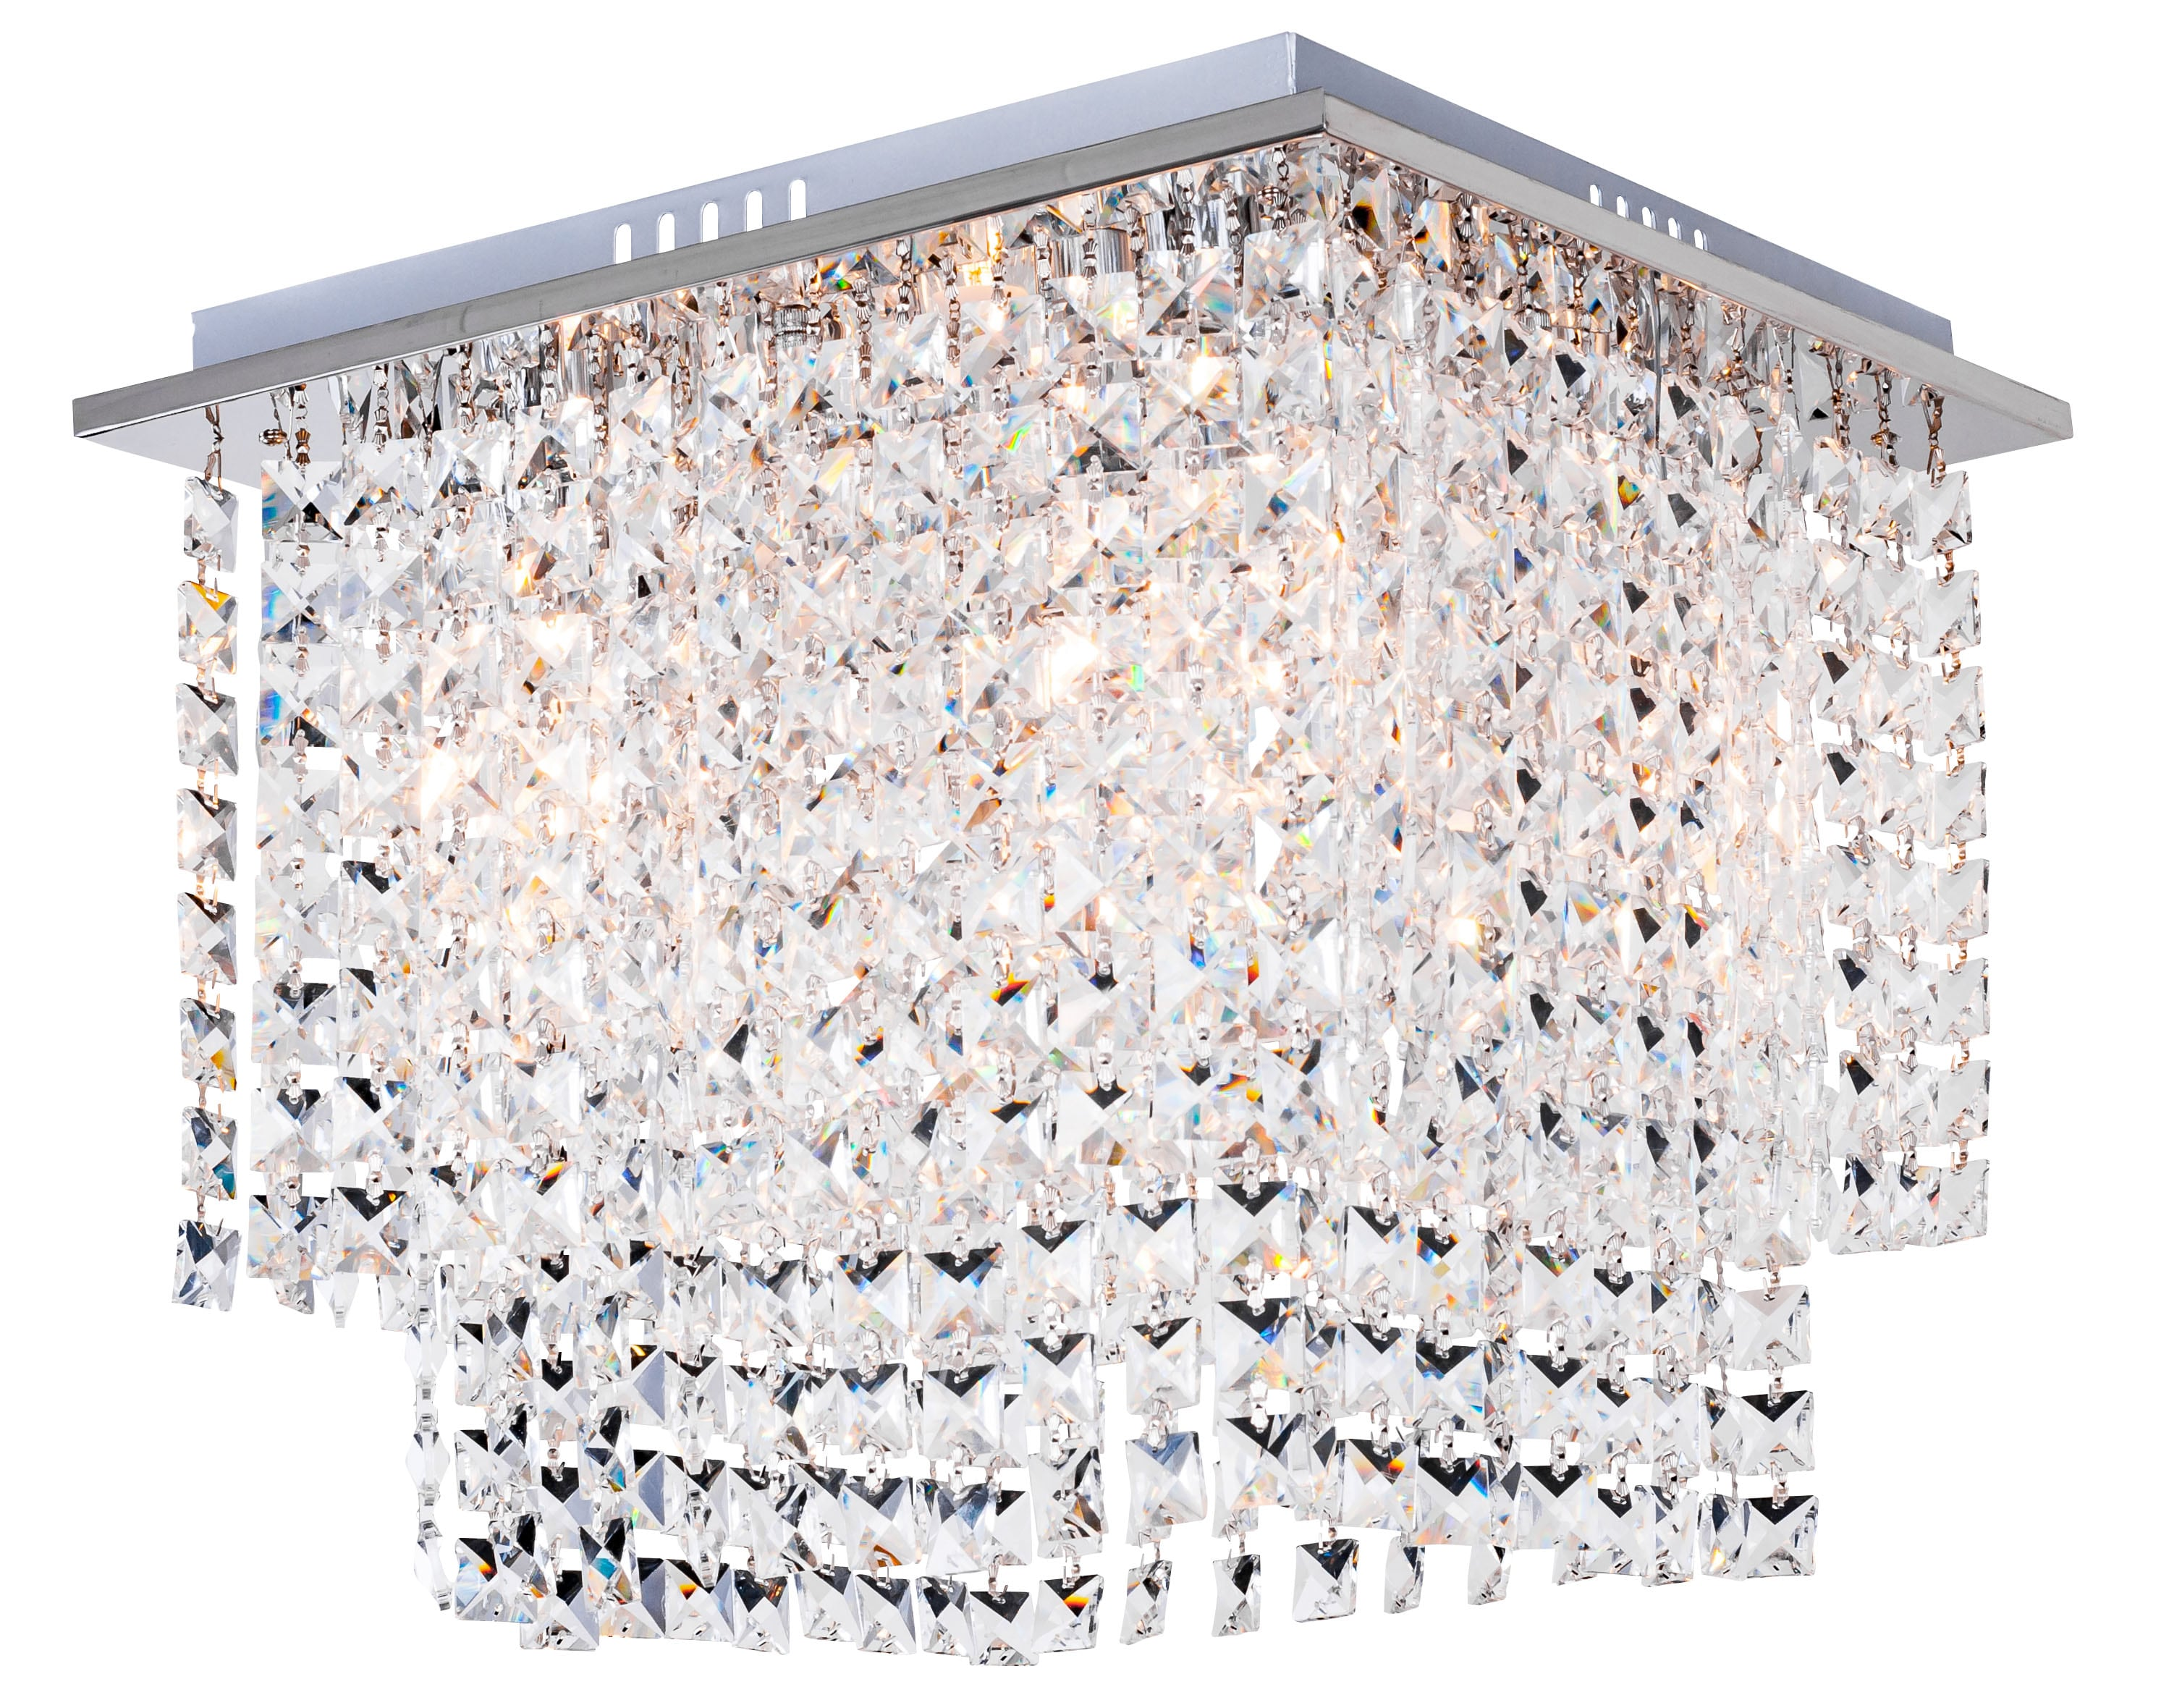 Luxusní strop Euphoria chrom E14 40W